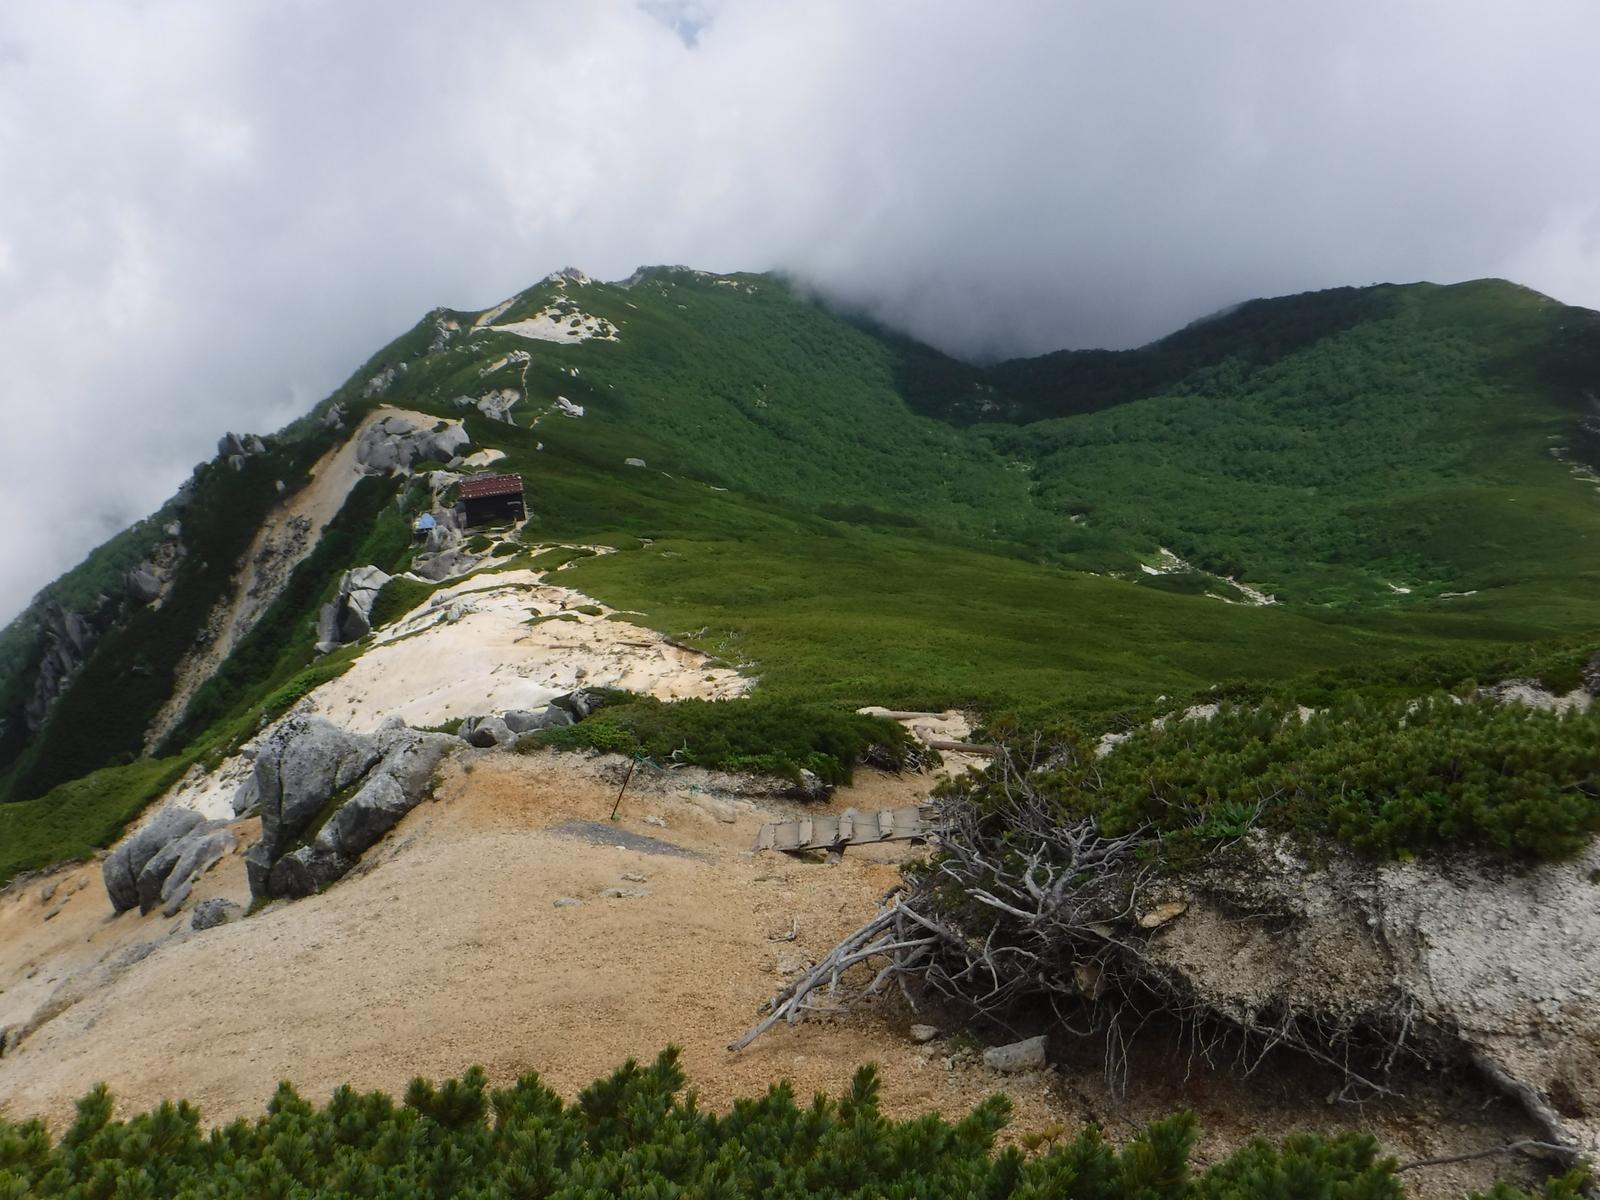 11:30 駒峰ヒュッテへ向かう、休業中だが、玄関のみ開放